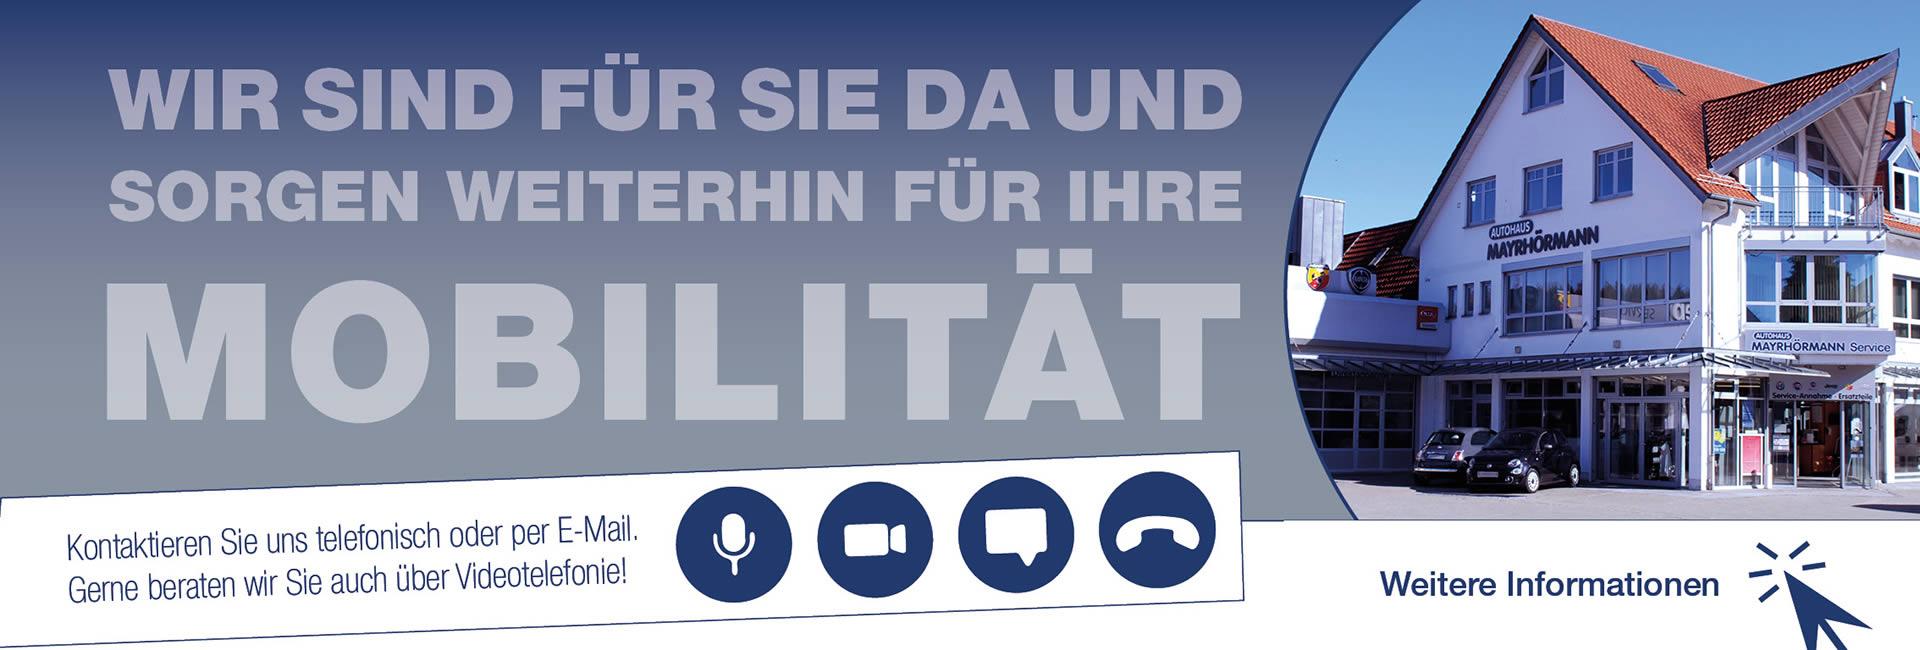 Slider Corona Erreichbarkeit 12-2020 Autohaus Mayrhörmann GmbH